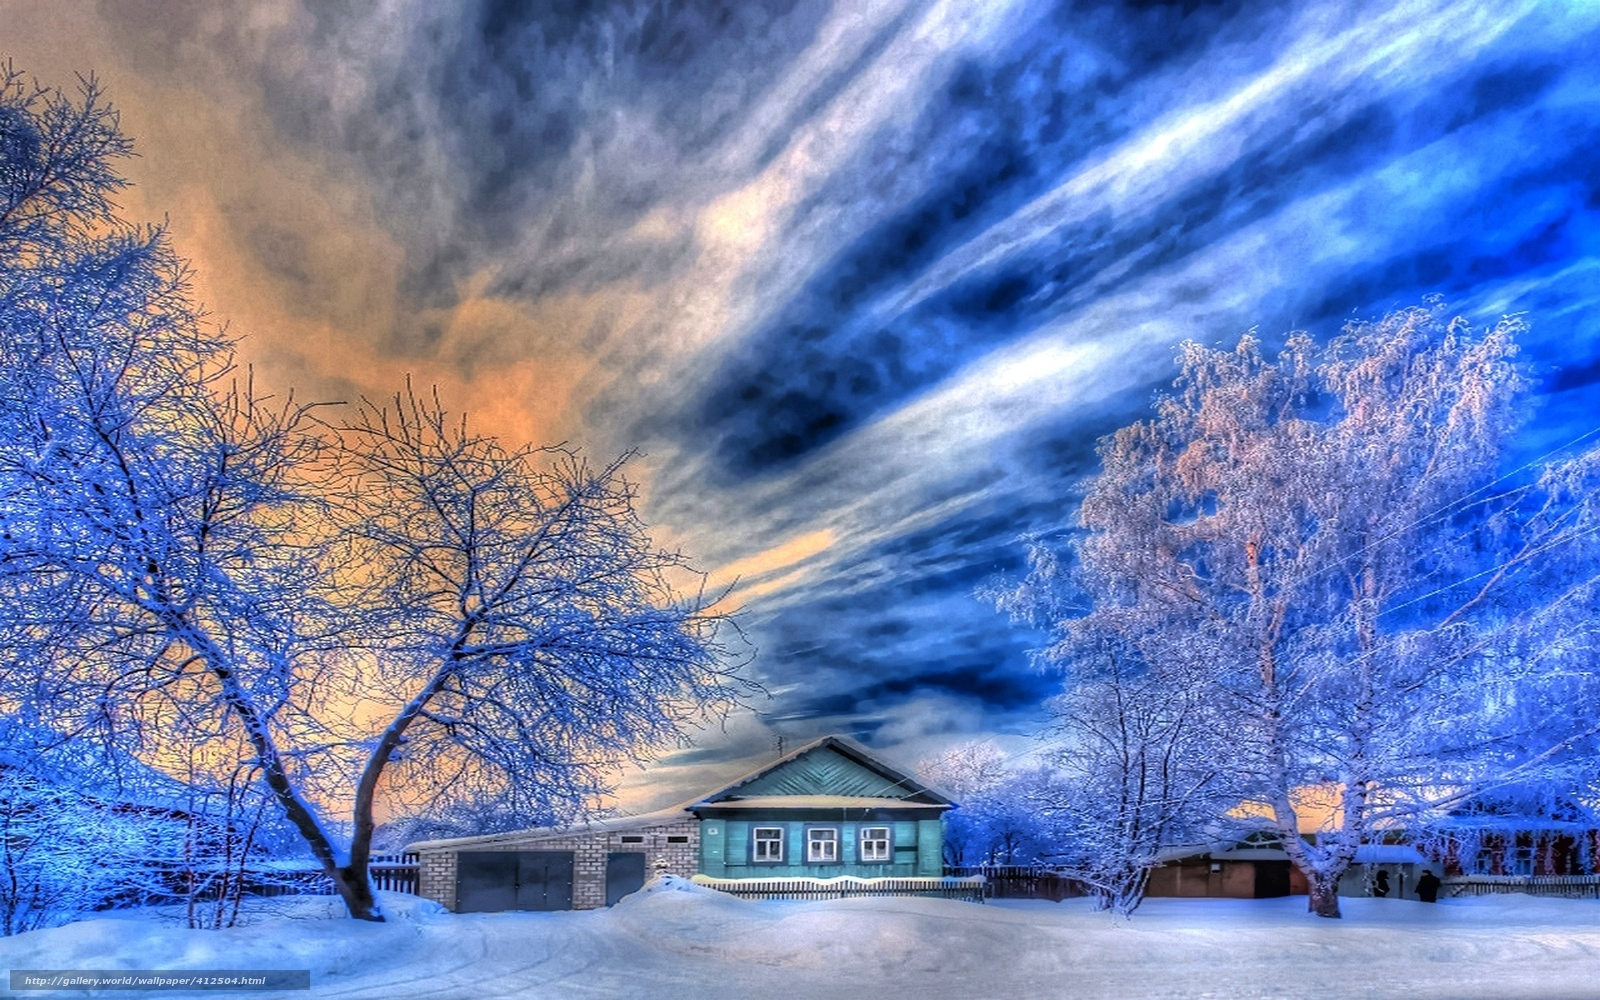 Scaricare gli sfondi natura inverno russo villaggio for Sfondi gratis desktop inverno